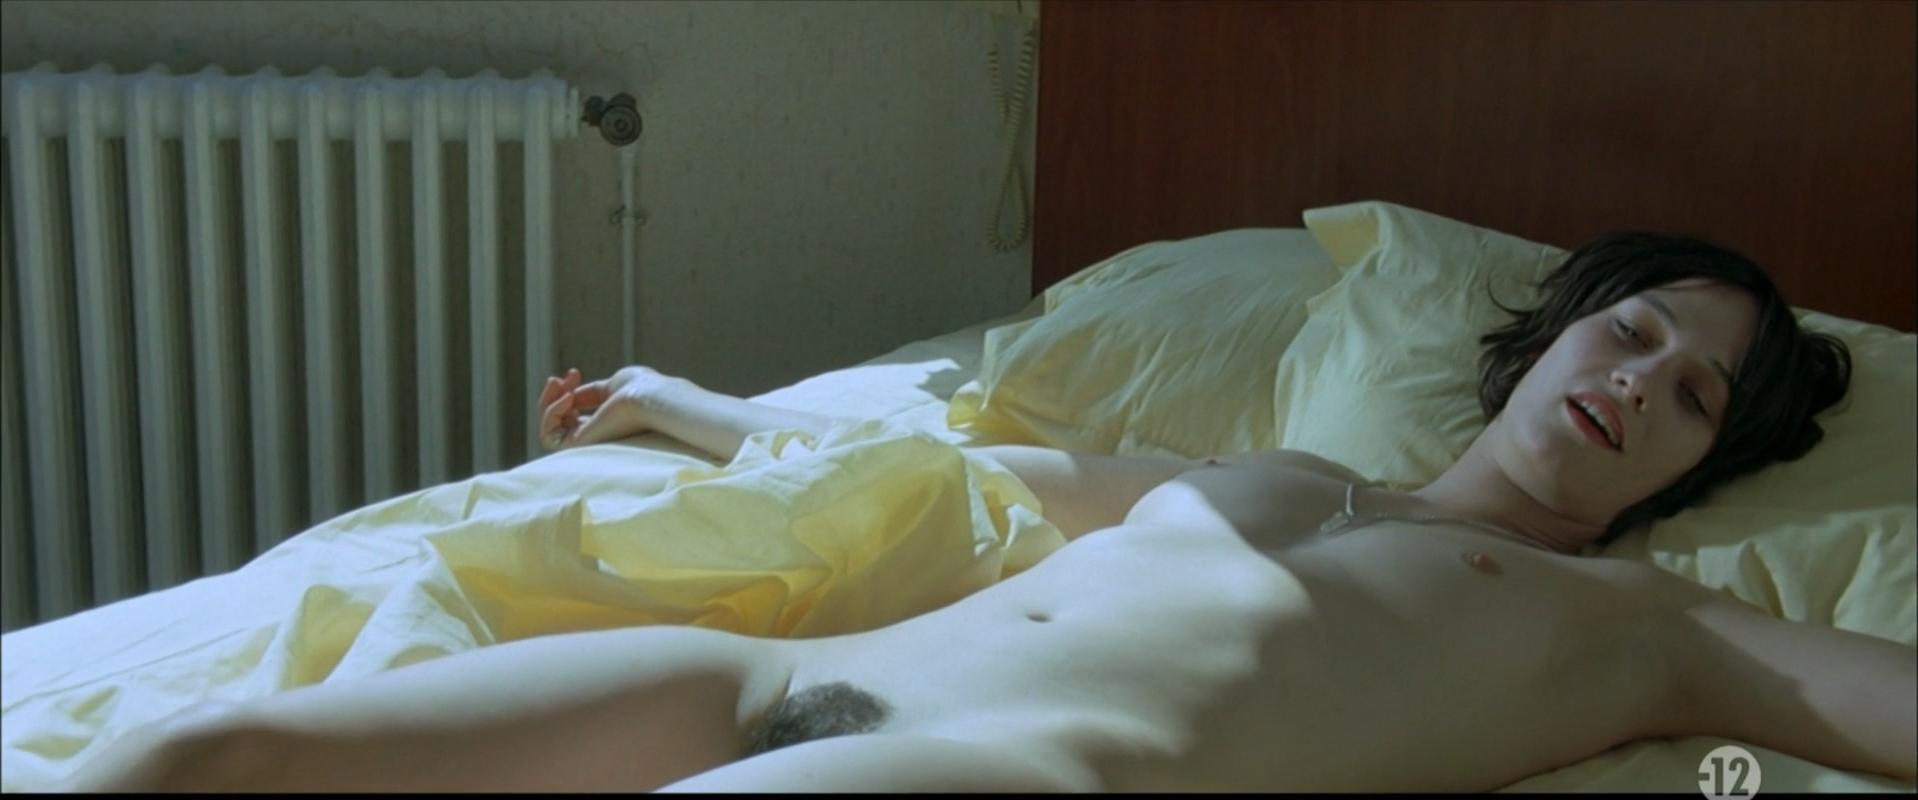 Clotilde Hesme nude - Les derniers jours du monde (2009)